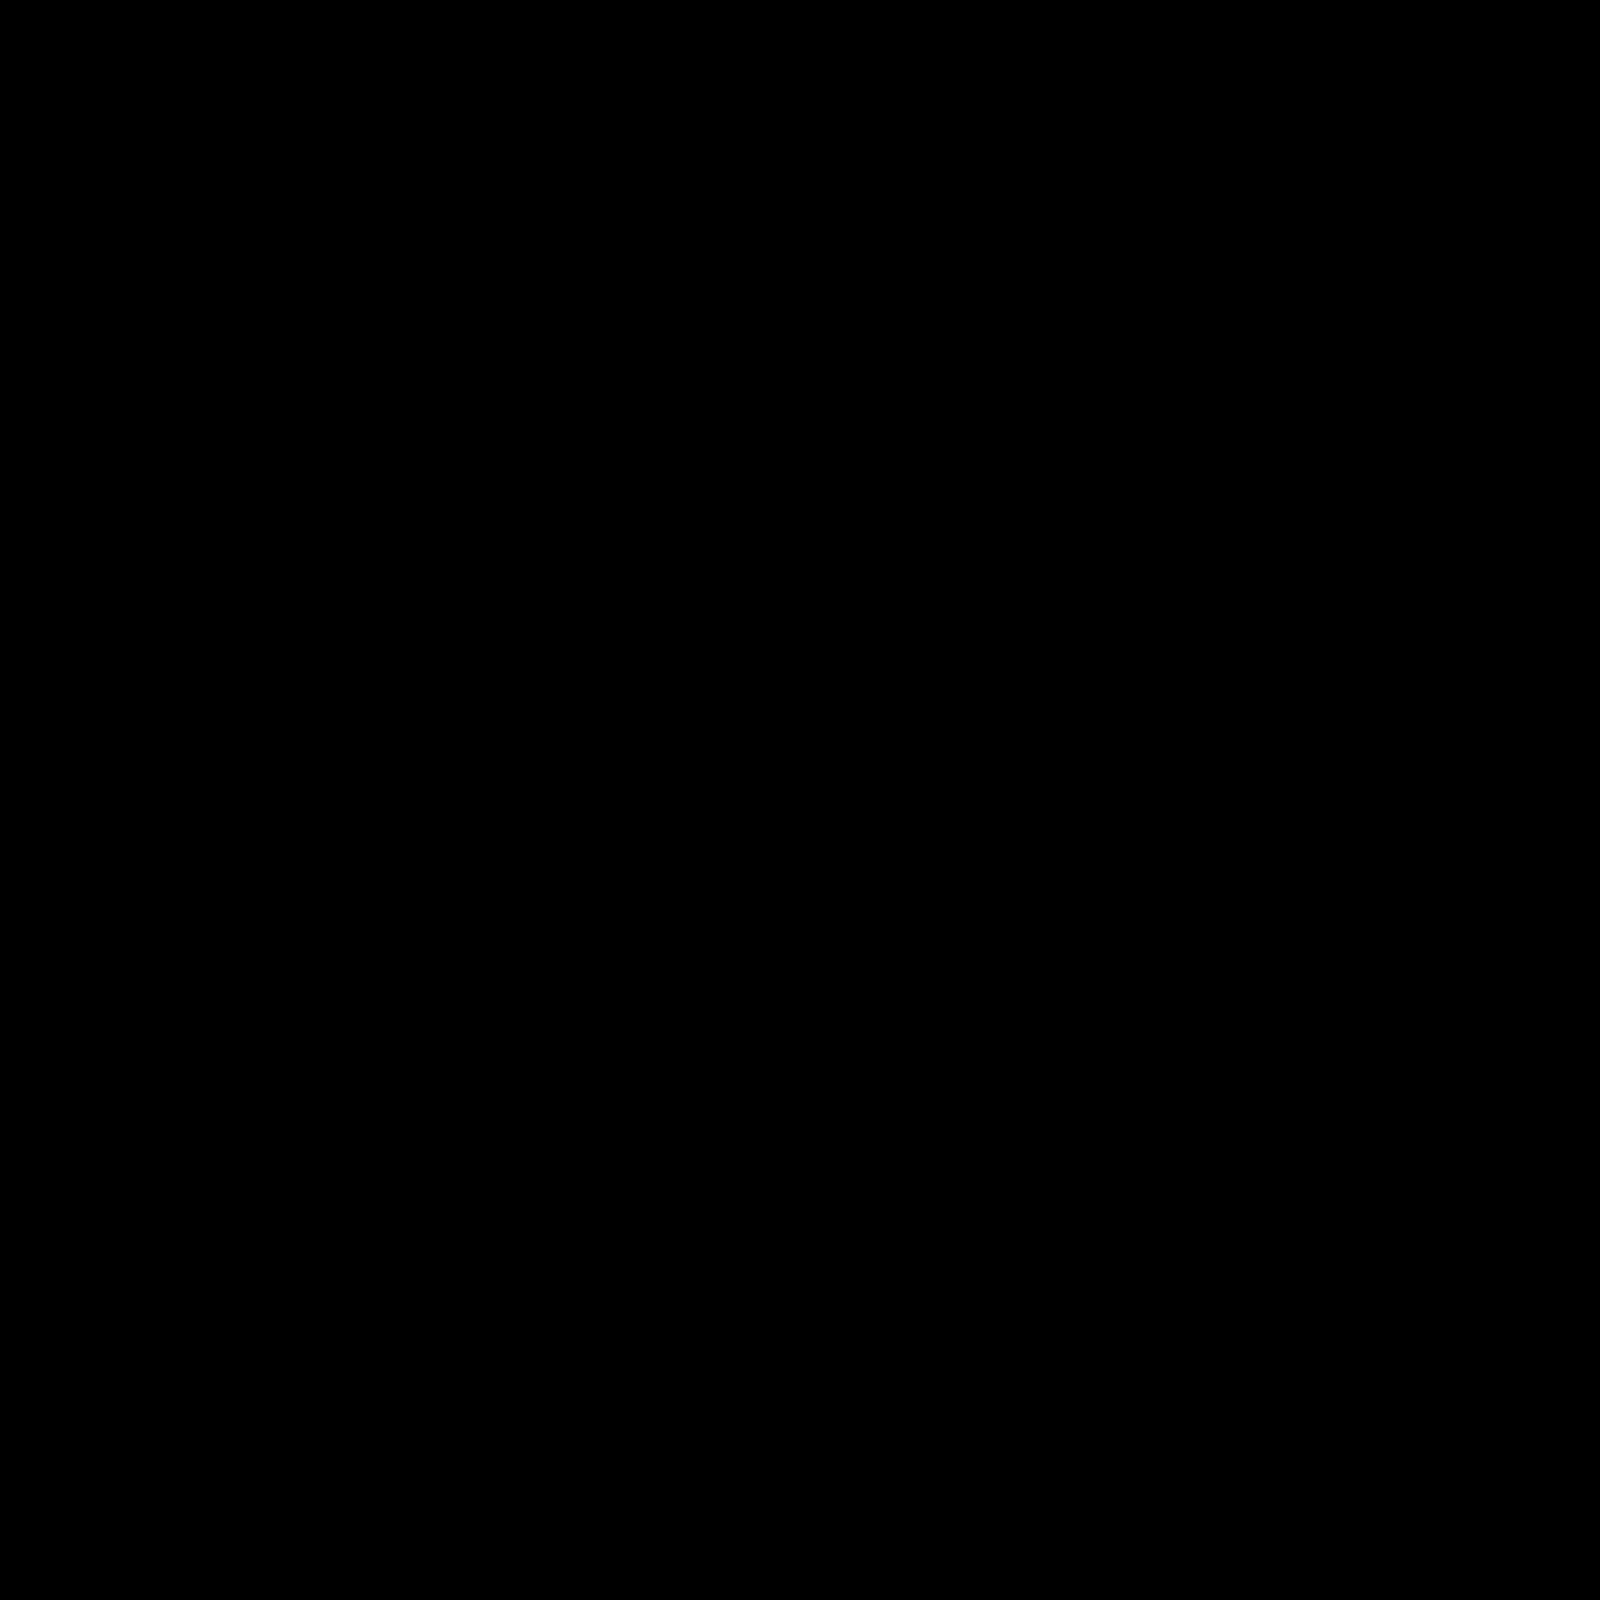 Ruotare 3d icon